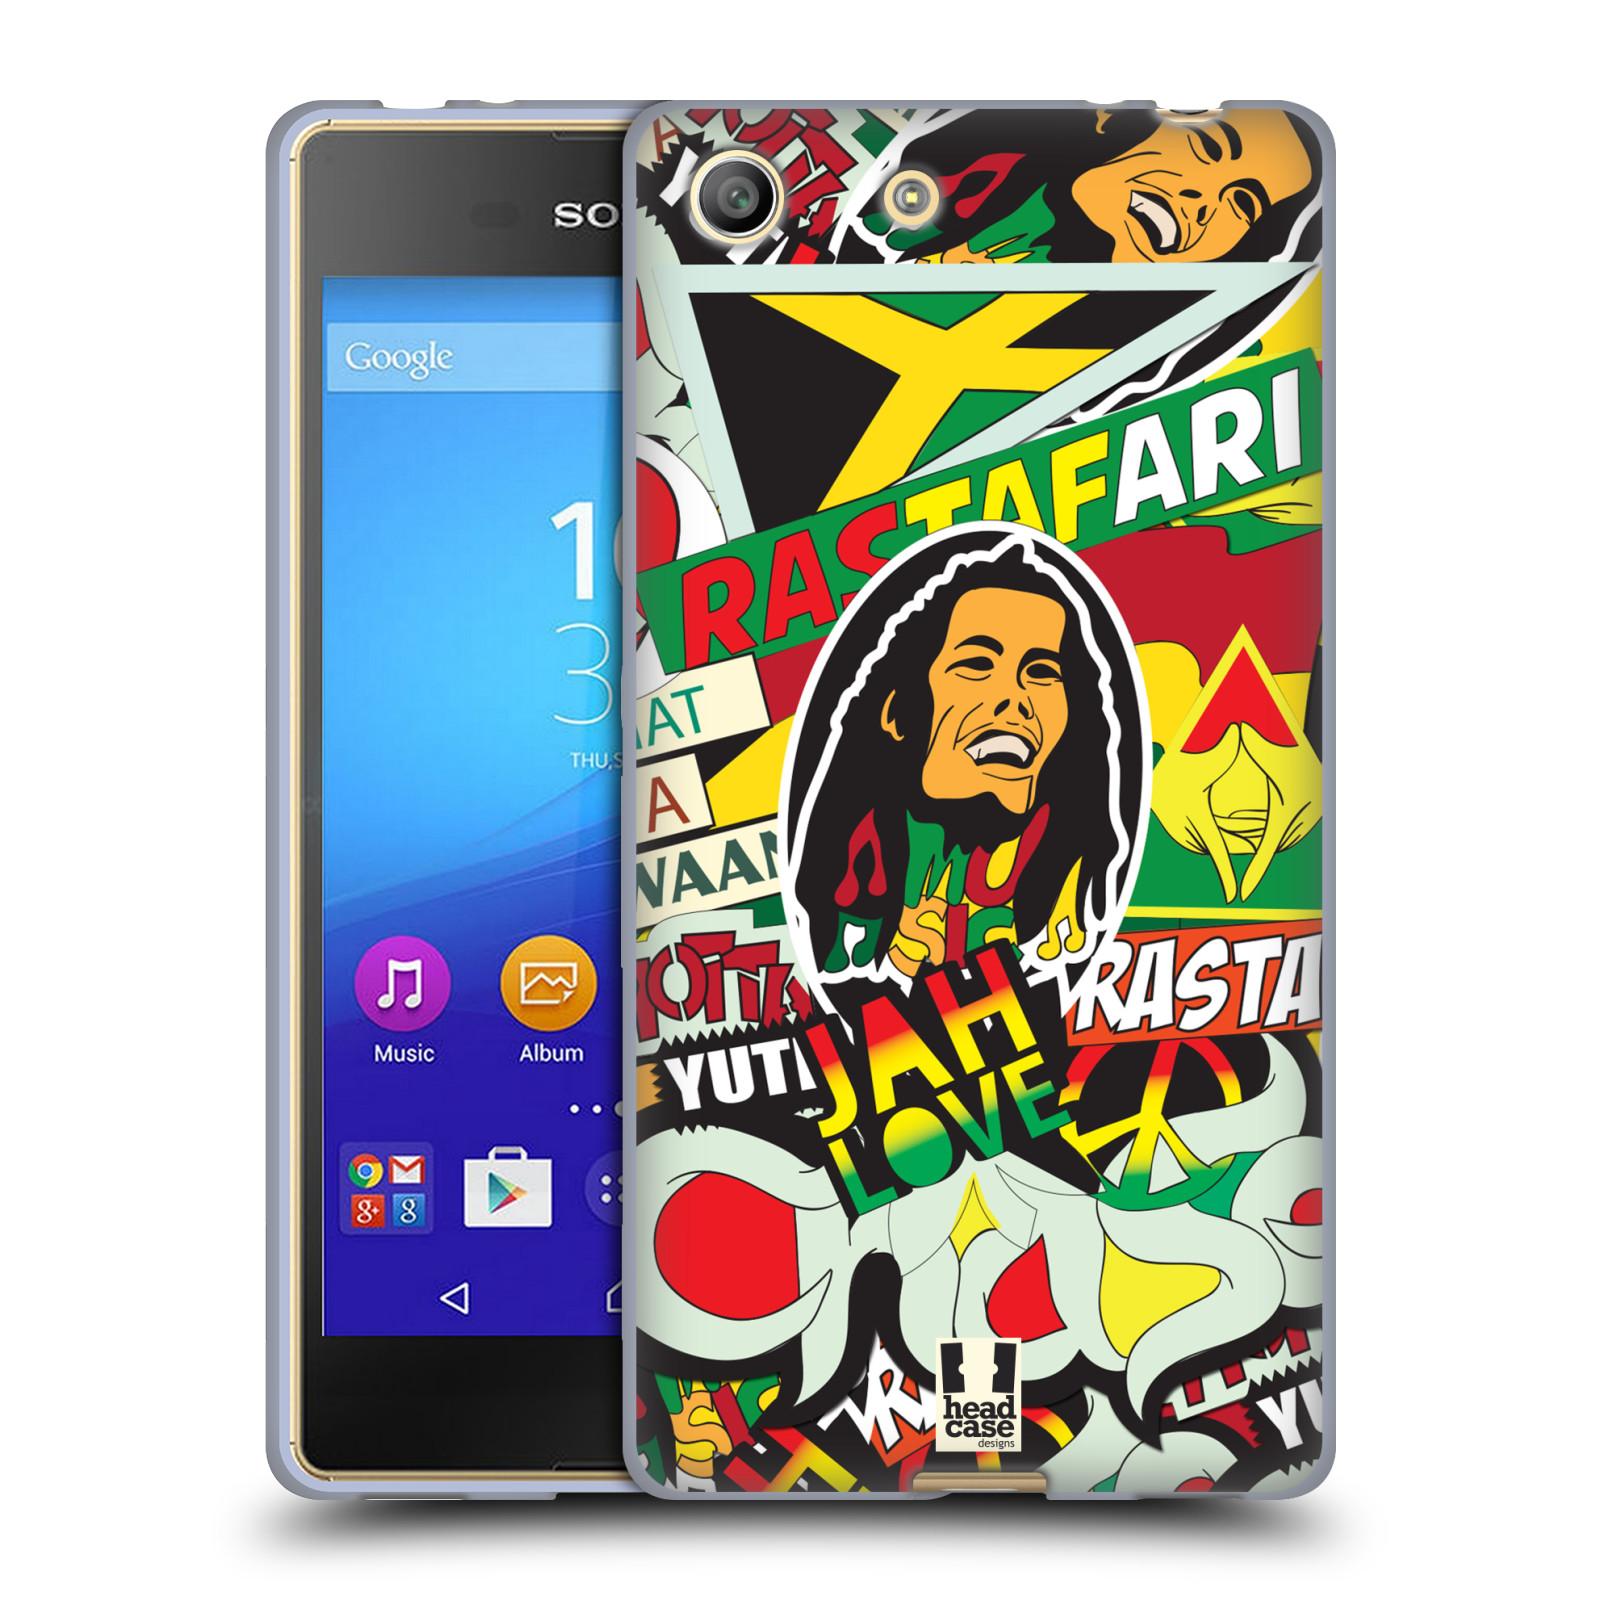 Silikonové pouzdro na mobil Sony Xperia M5 HEAD CASE RASTA (Silikonový kryt či obal na mobilní telefon Sony Xperia M5 Dual SIM / Aqua)